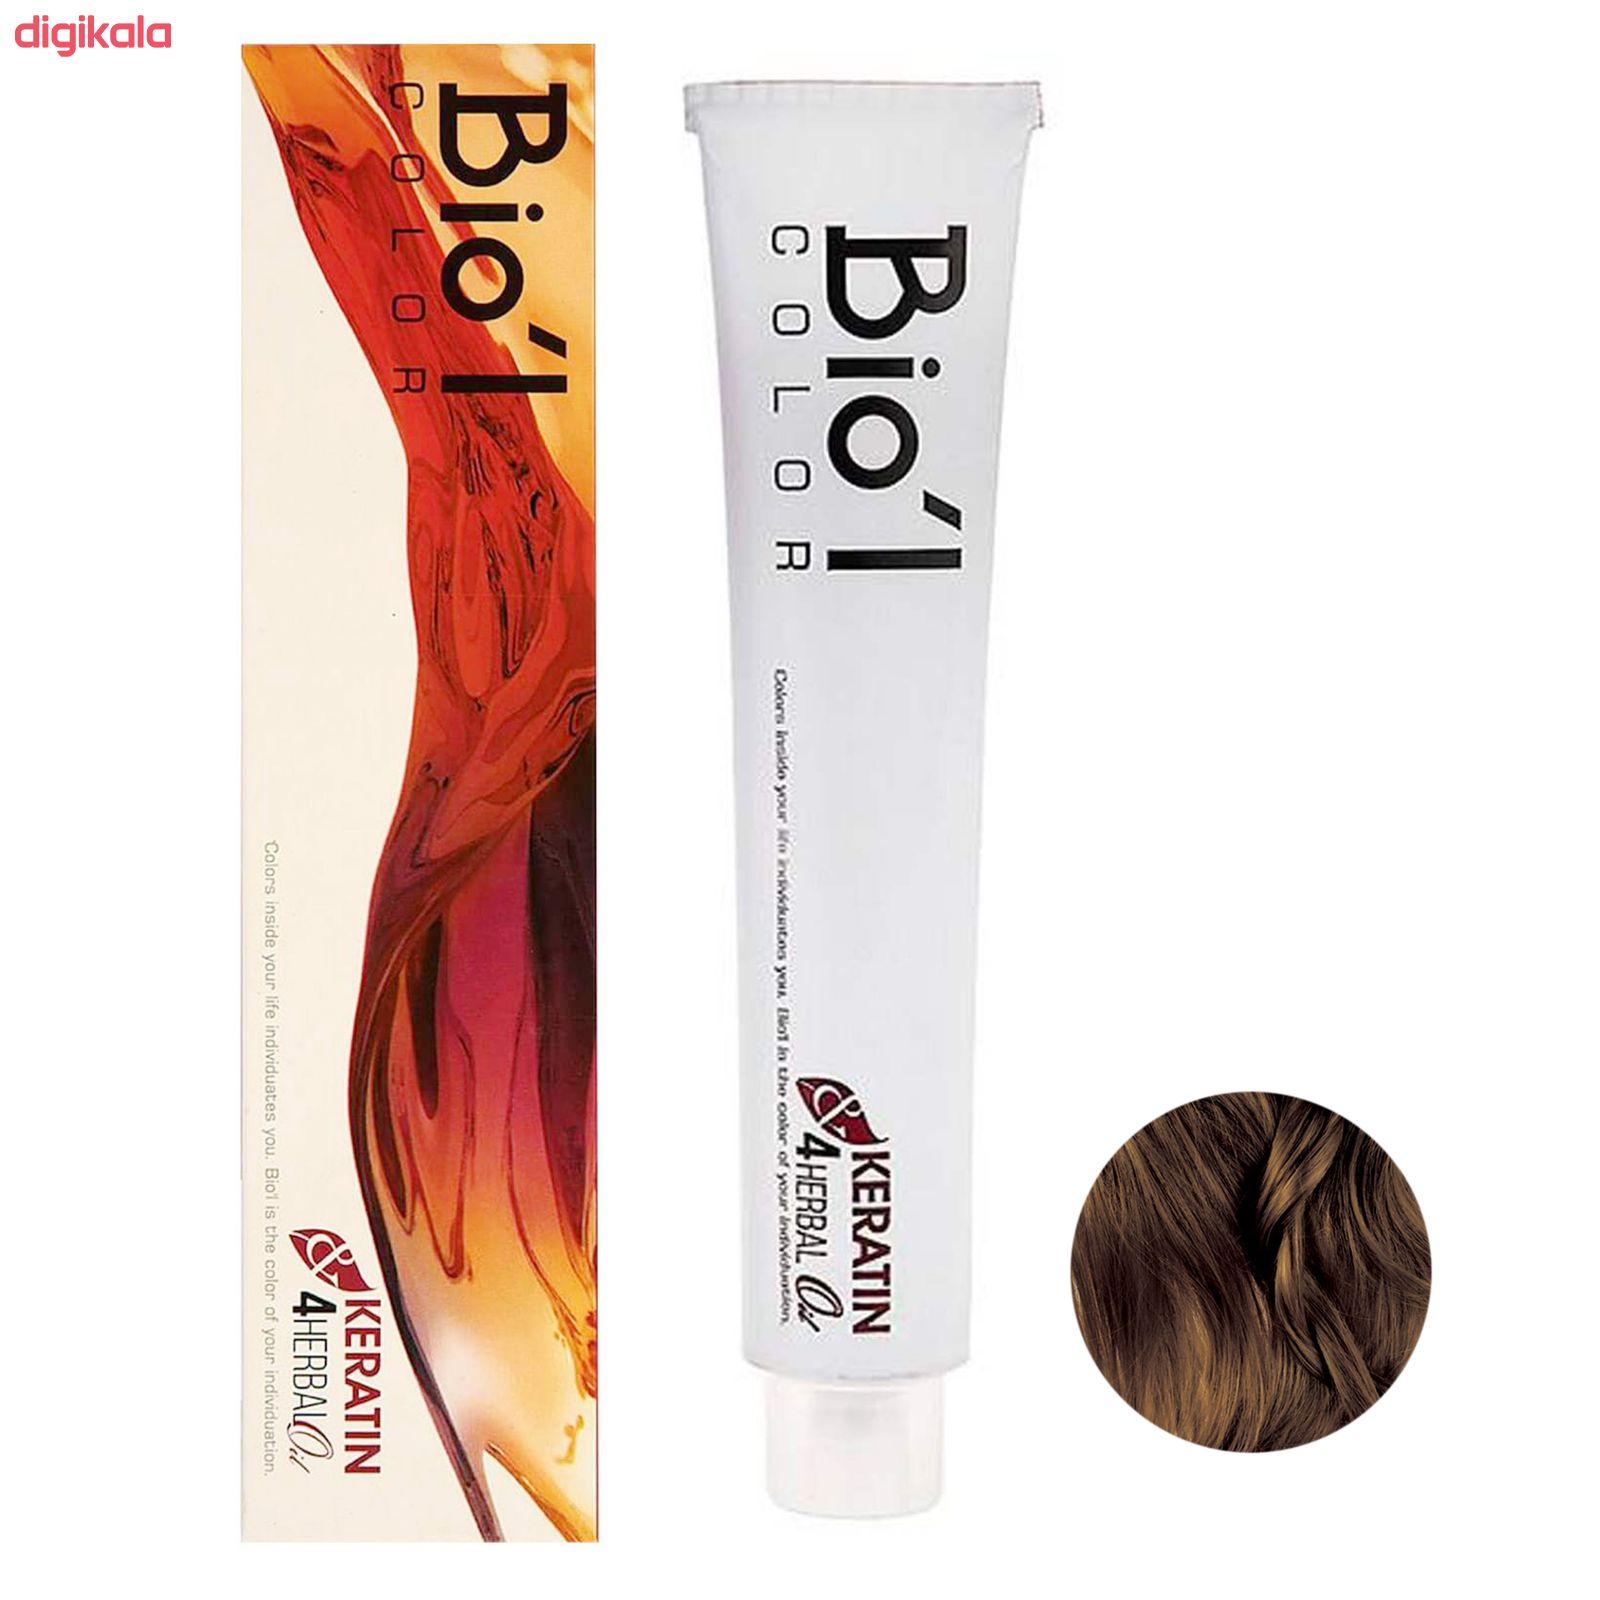 رنگ مو بیول شماره 3.0 حجم 100 میلی لیتر رنگ قهوه ای تیره main 1 1